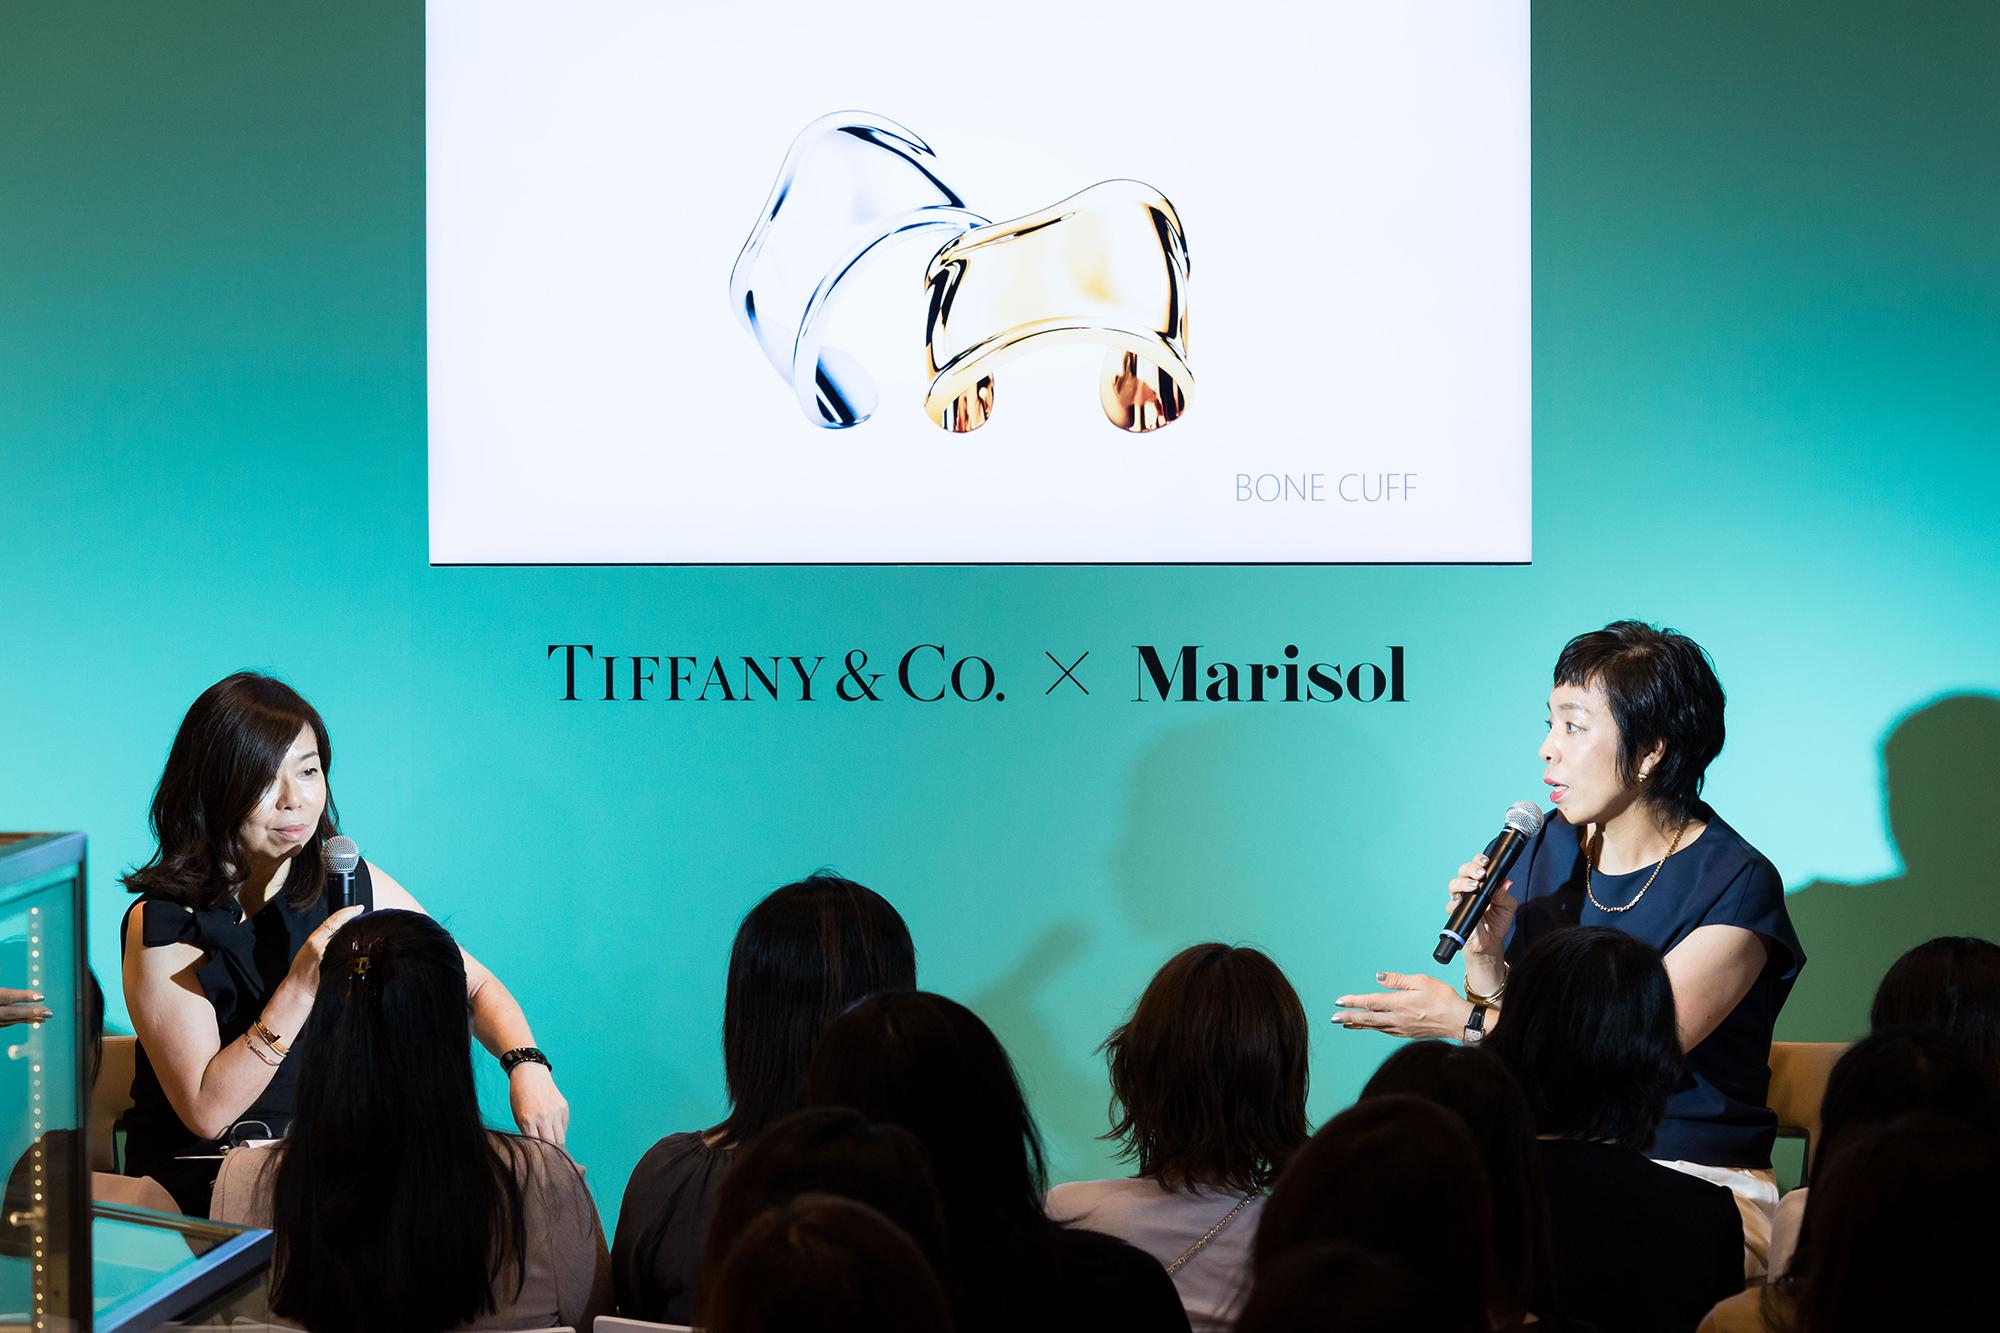 Marisol×Tiffany スタイリング講座【イベントリポート】_1_1